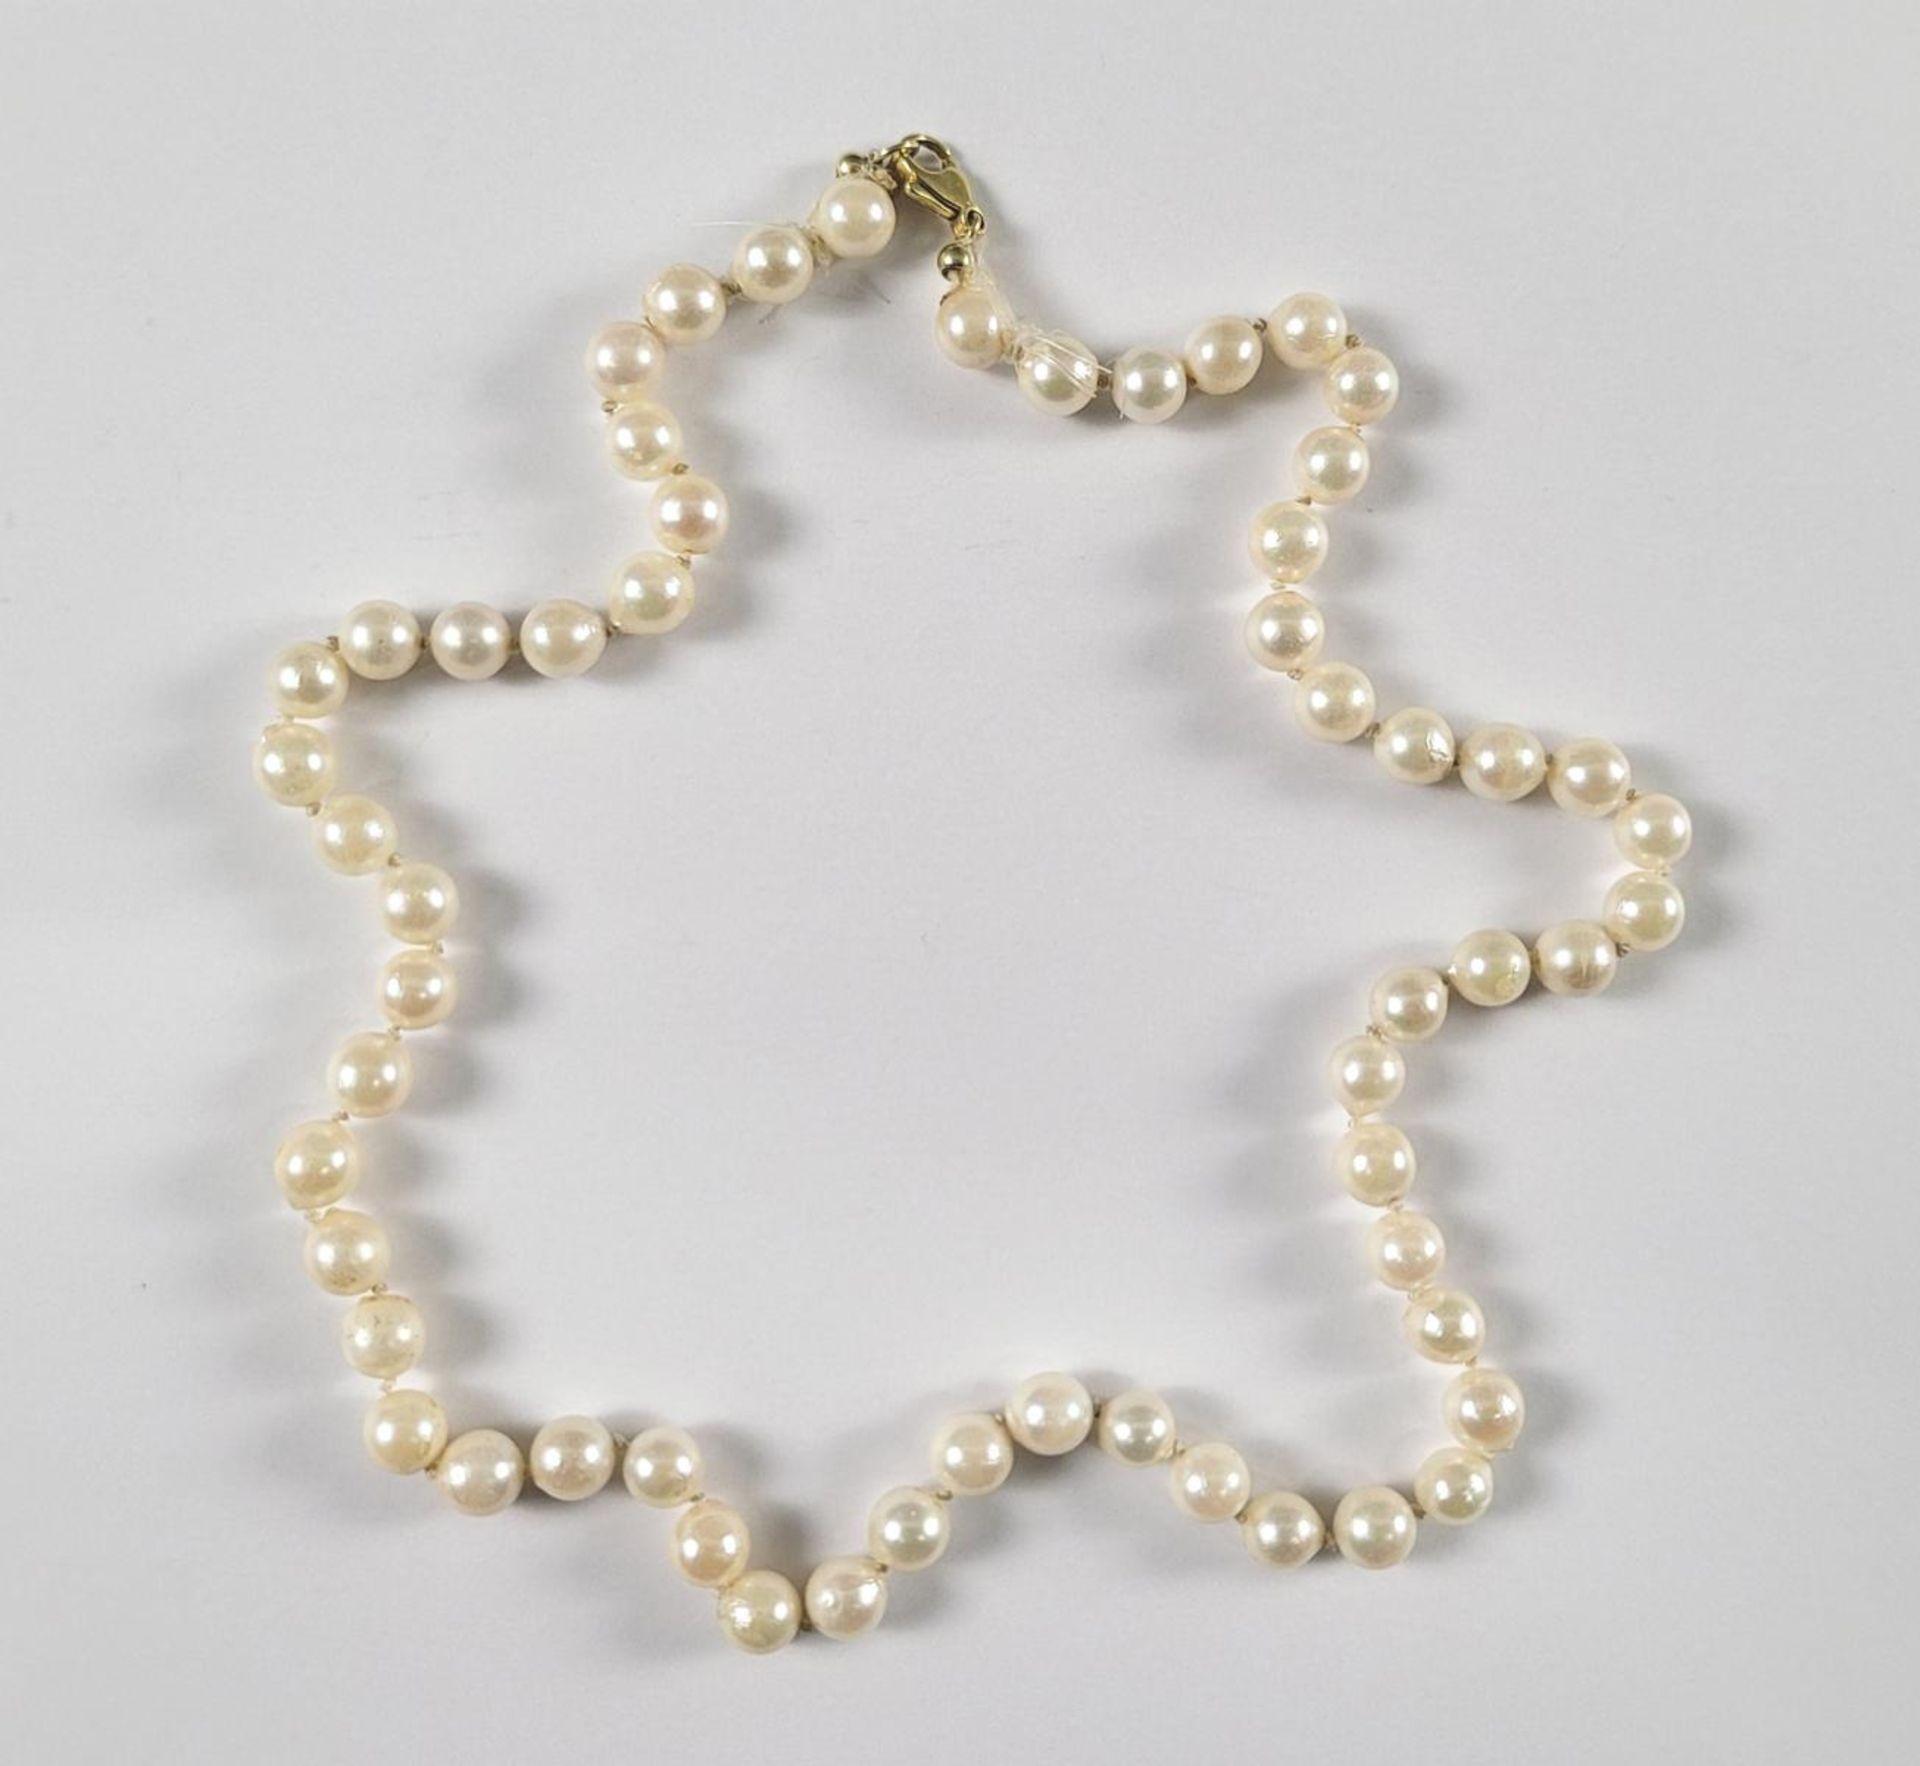 Perlenkette mit 14 Karat Gelbgoldschließe